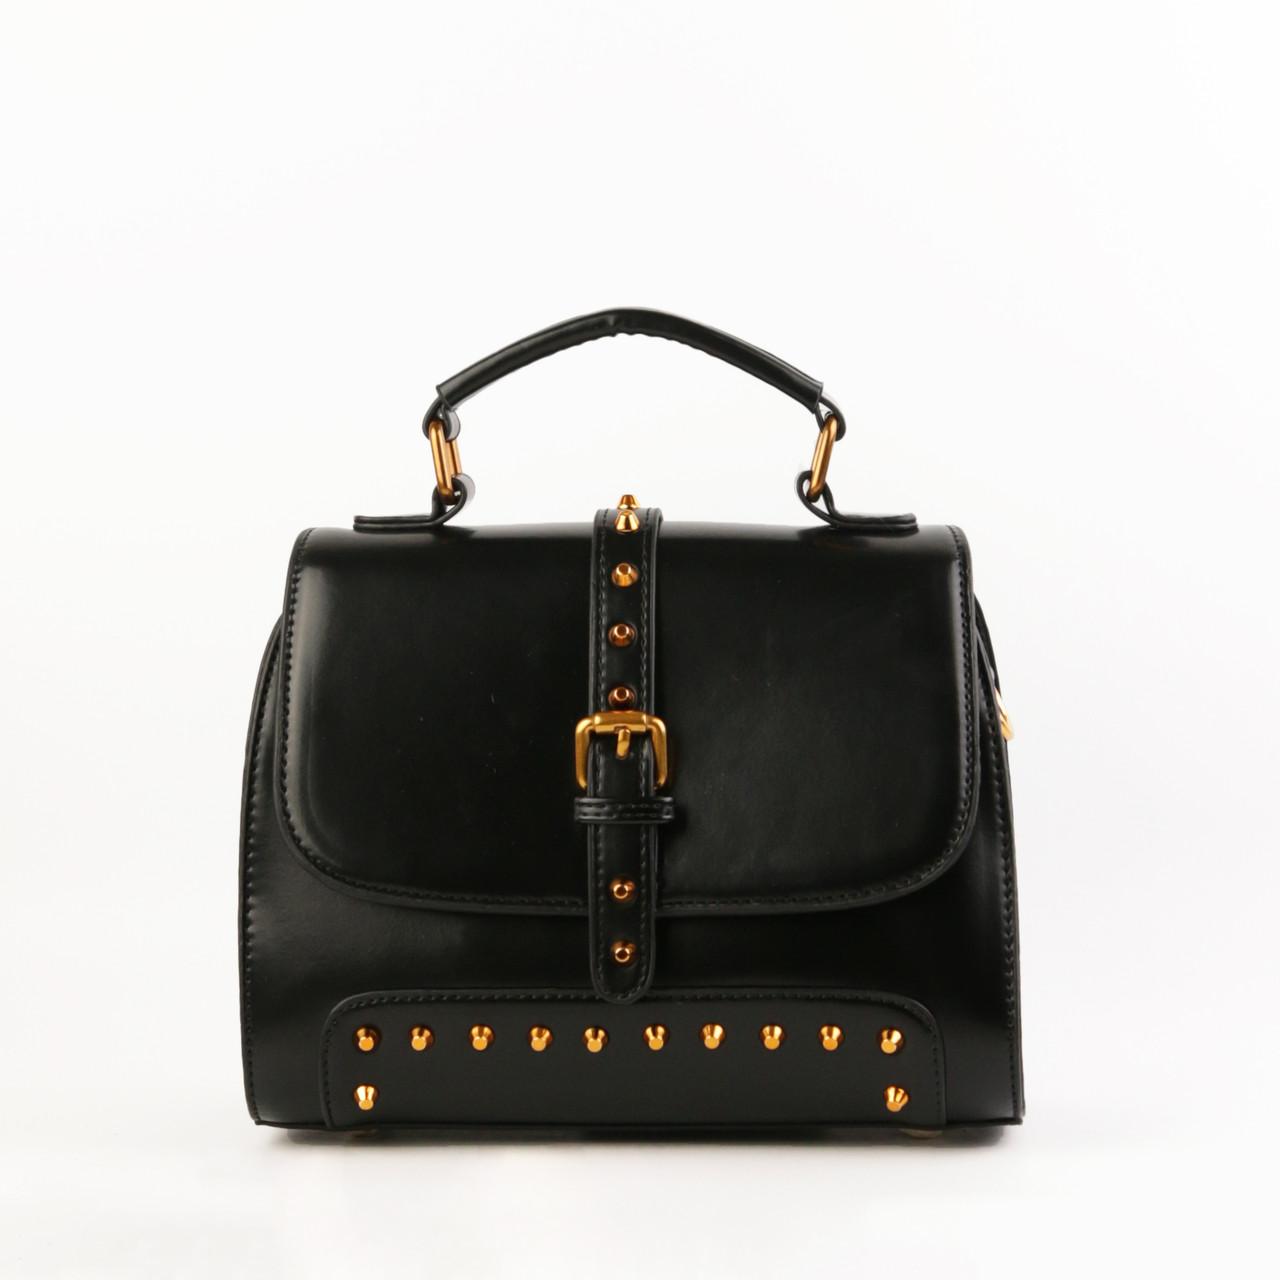 8c31842e27af Женская сумка кожаная объемная маленькая черная купить по выгодной ...